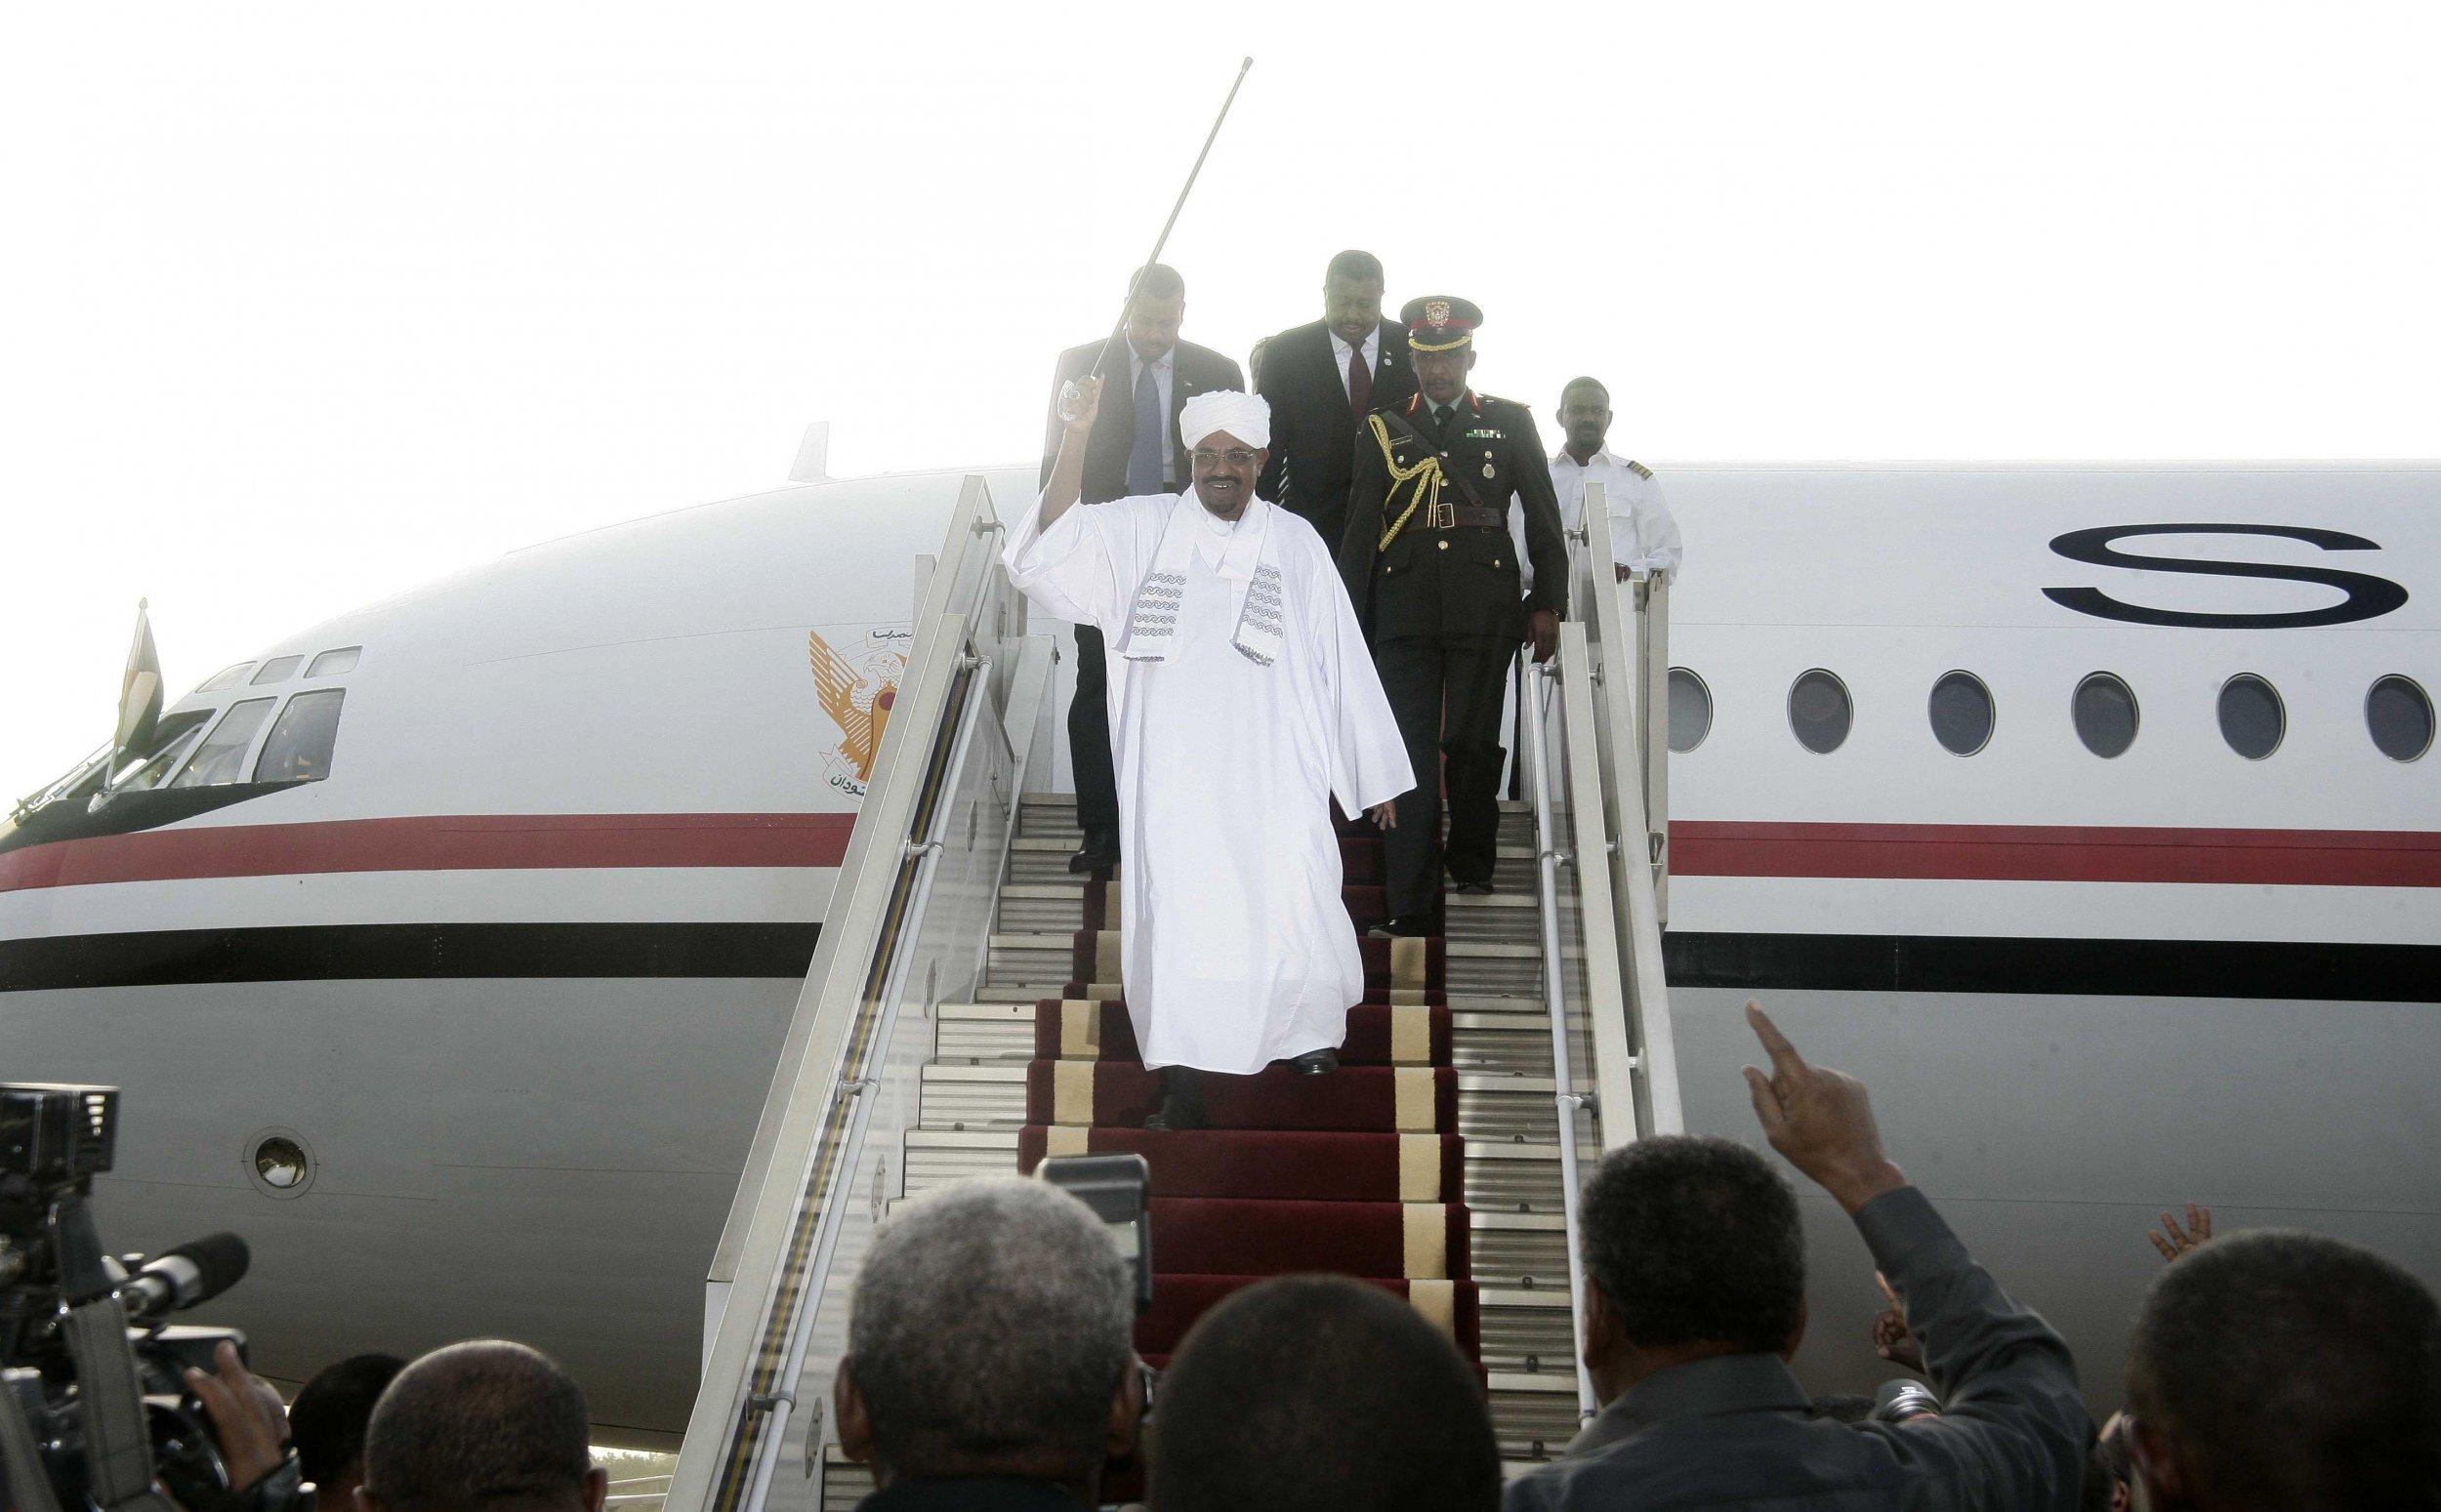 Sudanese President Omar al-Bashir waves upon returning to Khartoum from Johannesburg.